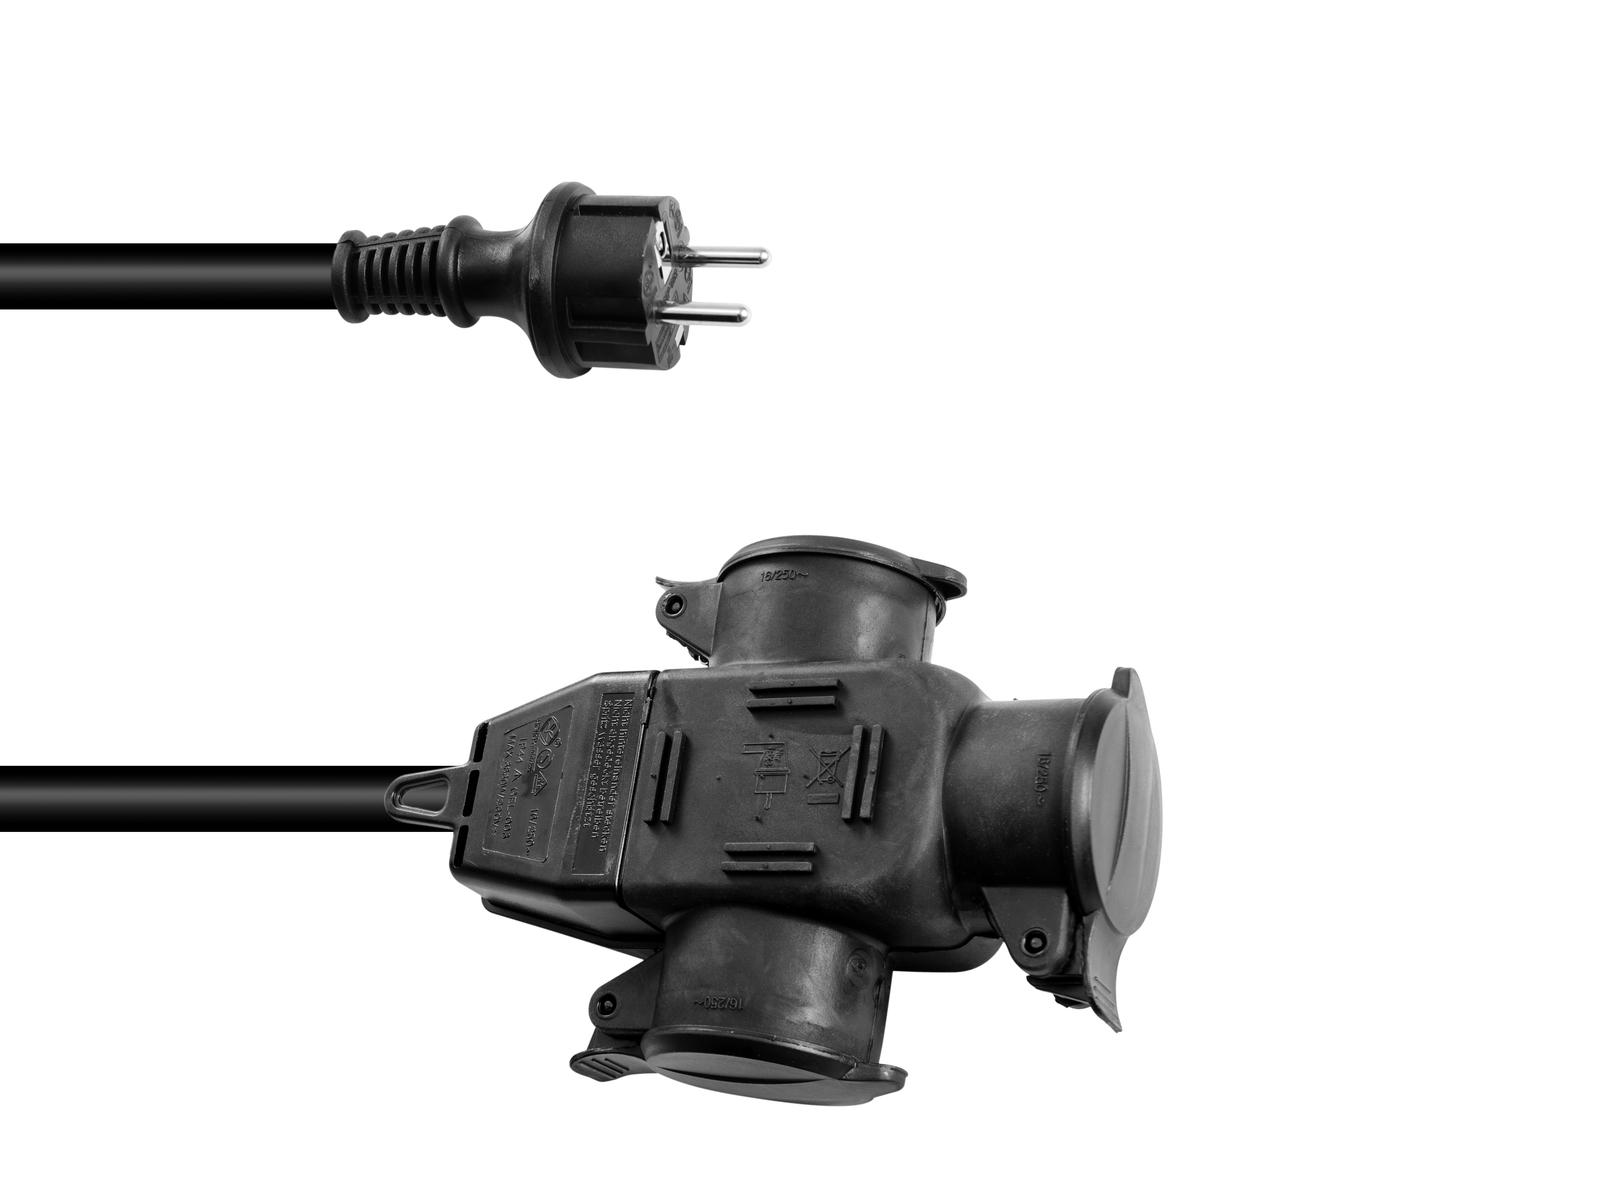 Prodlužovací kabel 3x2,5, délka 5m, 3x zásuvka